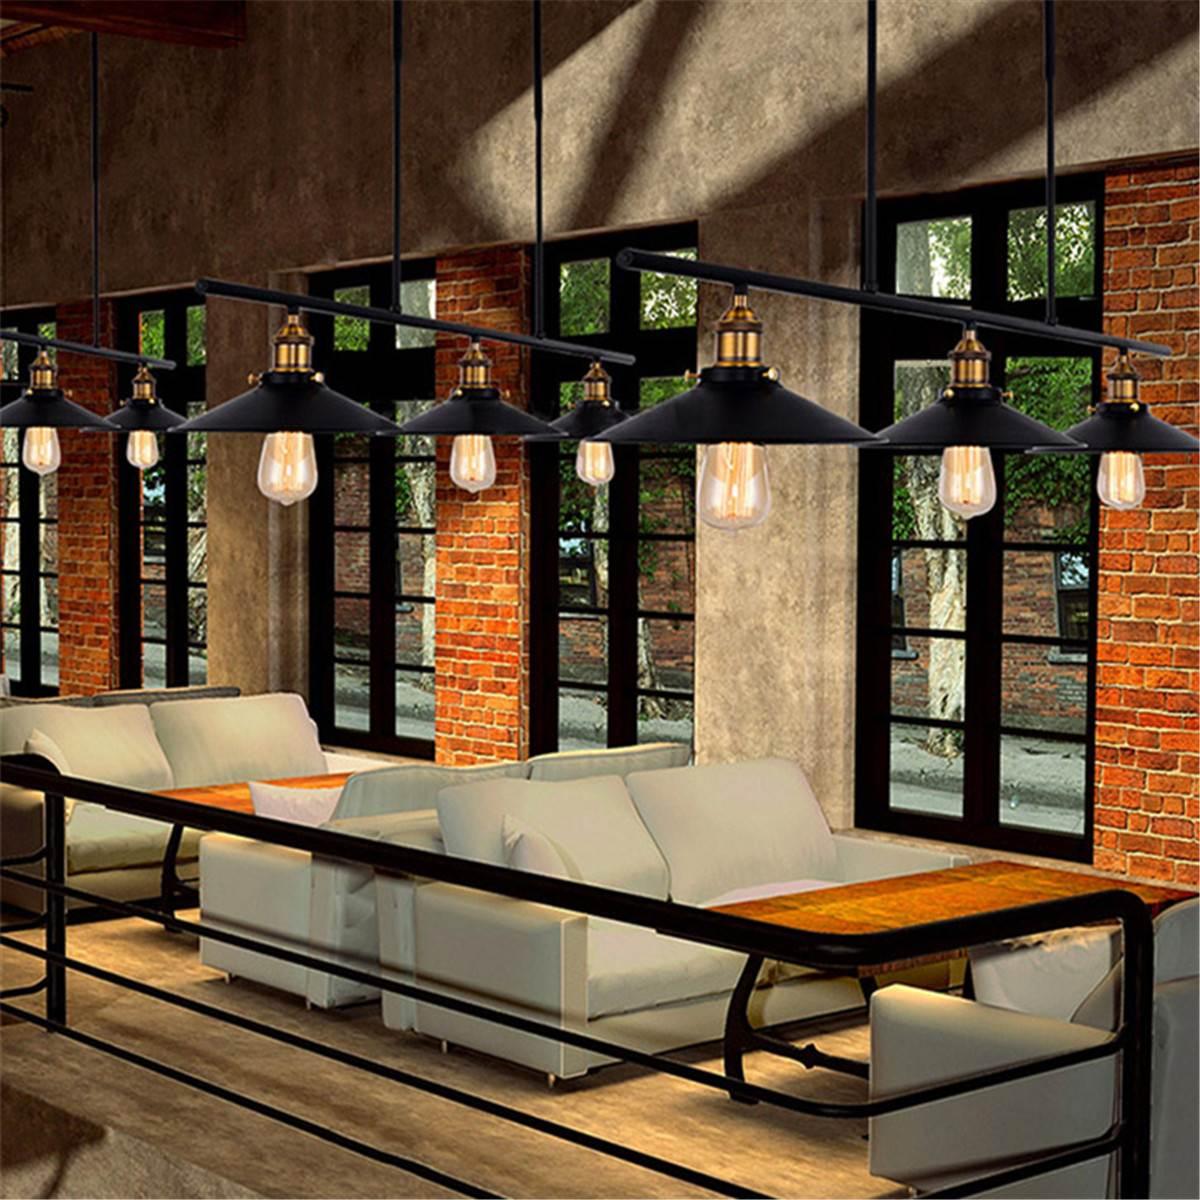 Amerikanischen Stil Vintage Loft DIY Decke Licht Schwarz Eisen Industrielle Decke Lampe 3 * E27 Birne Esszimmer Einstellbar Decor lampe